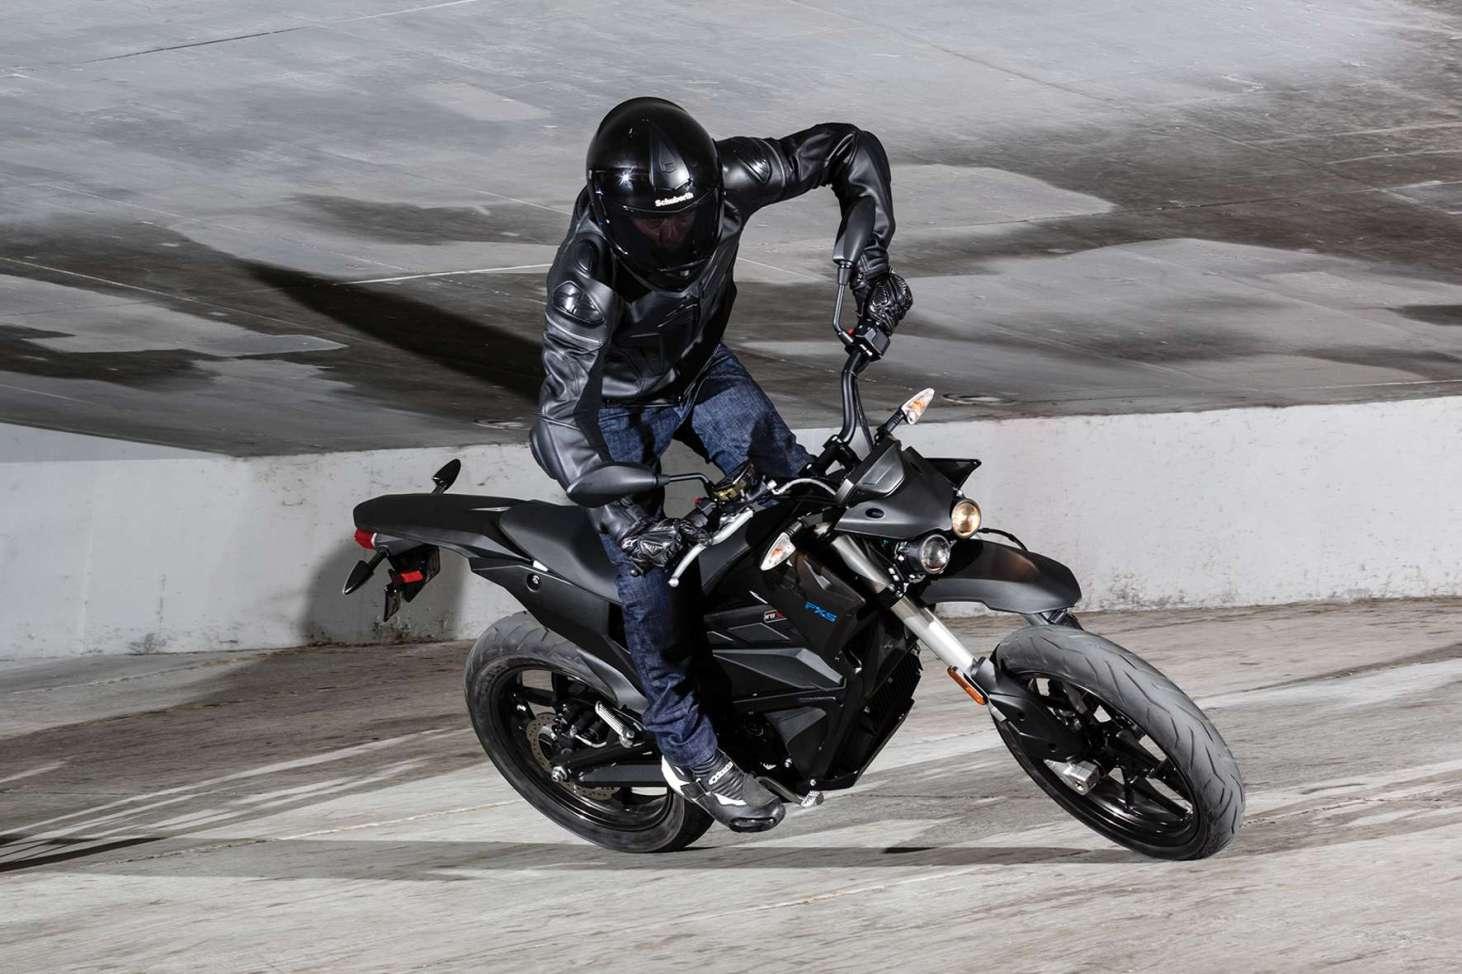 Elektro-Motorräder wie die Zero FXS spielen auf dem Zweirad-Markt aktuell noch eine Nebenrolle. © Zero/ TRD Zweirad (trd mobil) </strong>